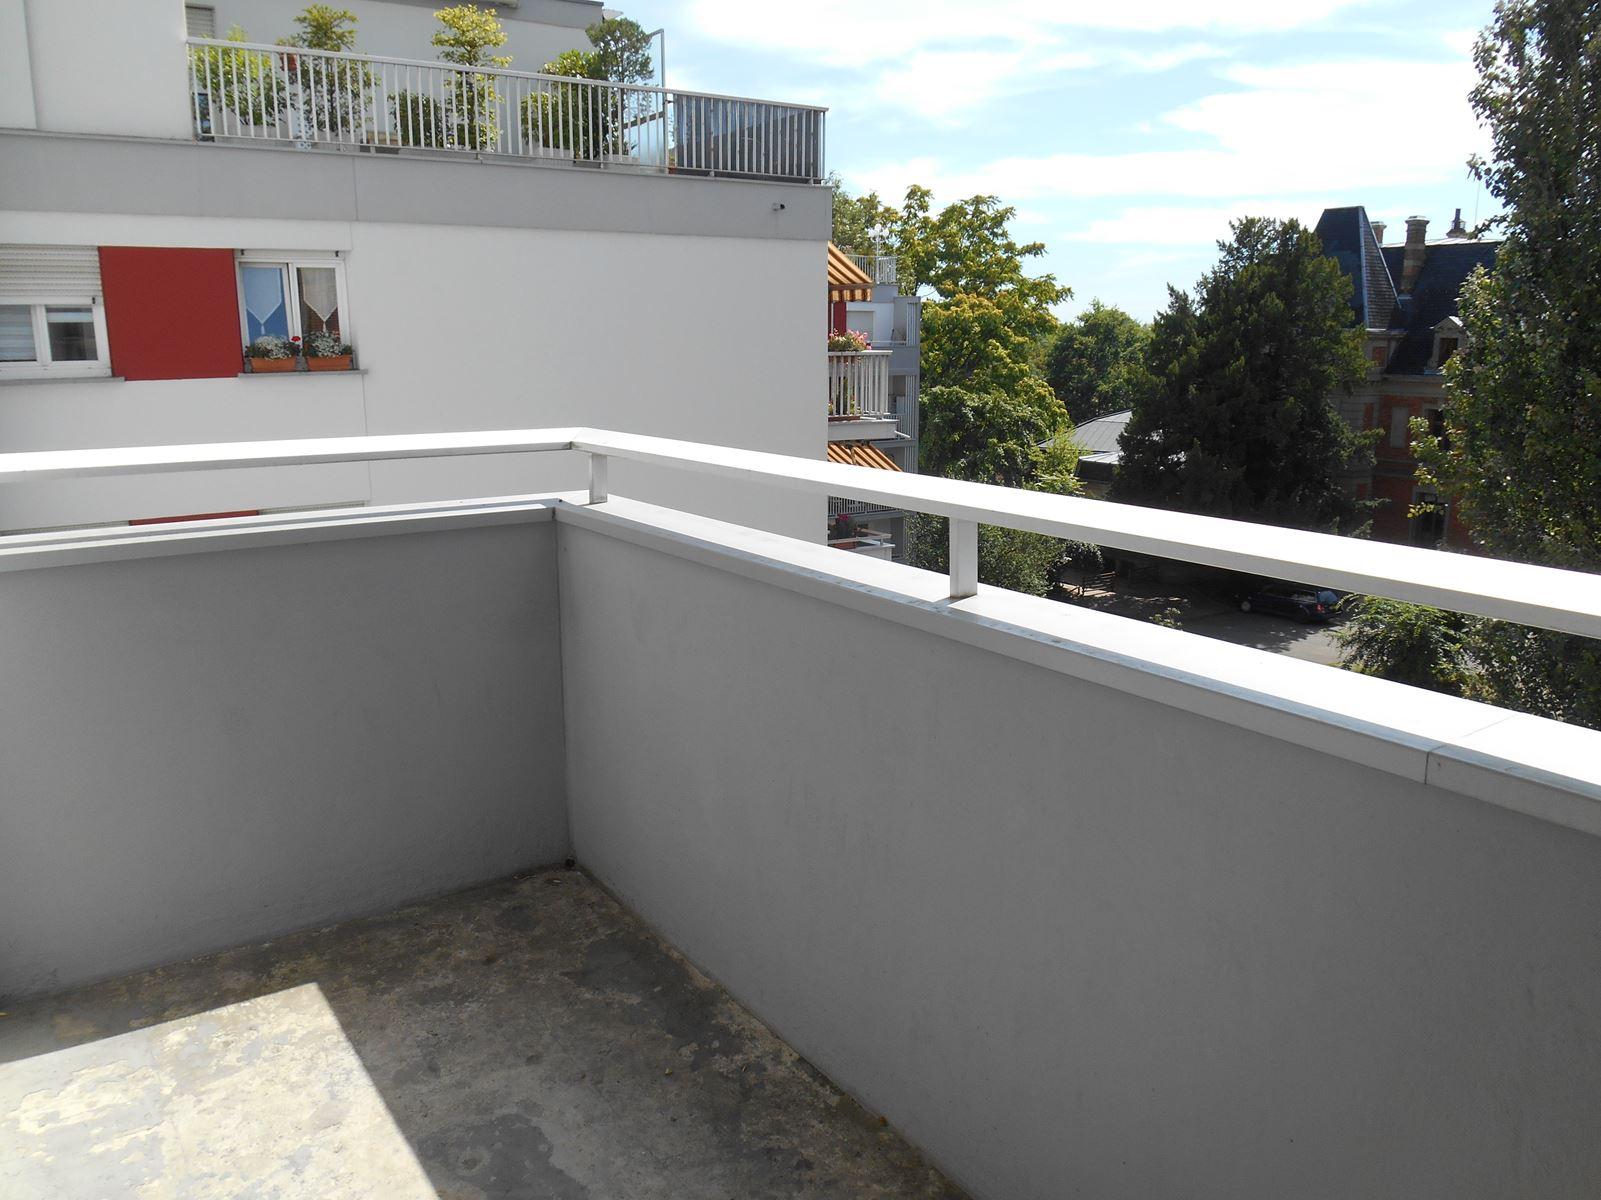 [Le Moustique] Spacieux 3 pièces avec balcon - Koenigshoffen / rte des Romains - nos locations - Beausite Immobilier 6